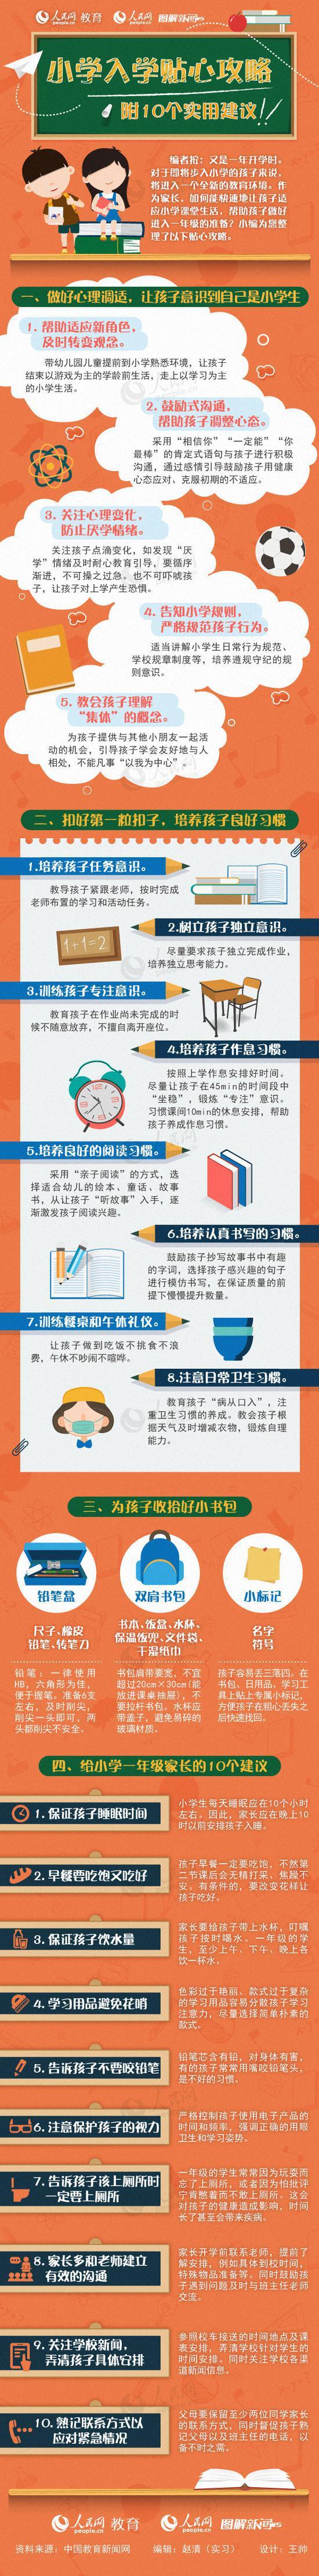 小学入学贴心攻略 对孩子最有用的10个实用建议